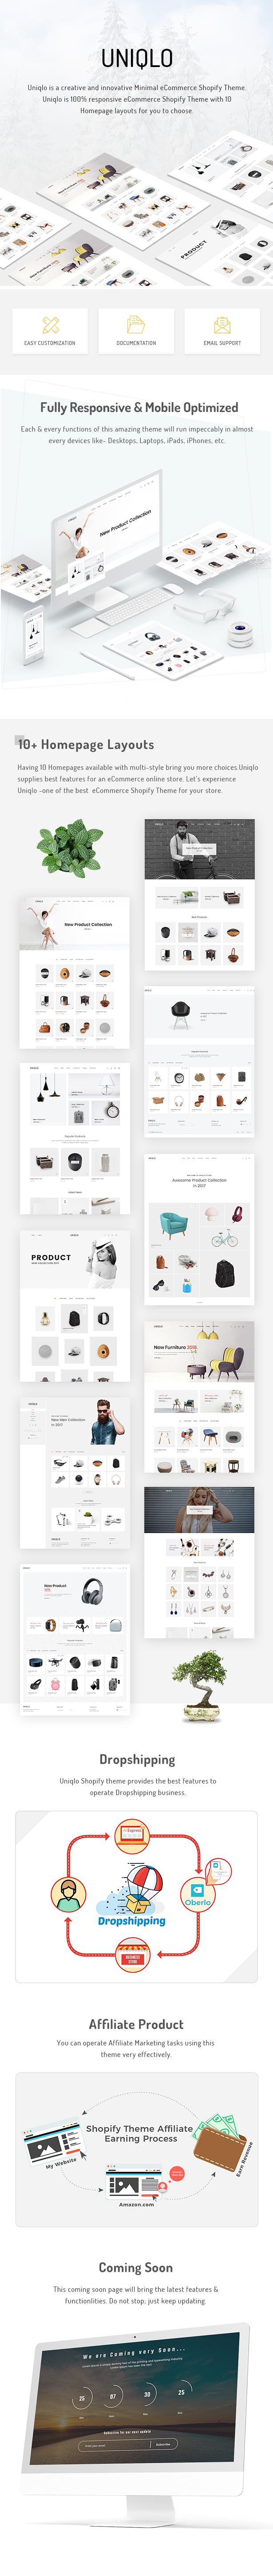 Uniqlo - Minimal eCommerce Shopify Theme - 1